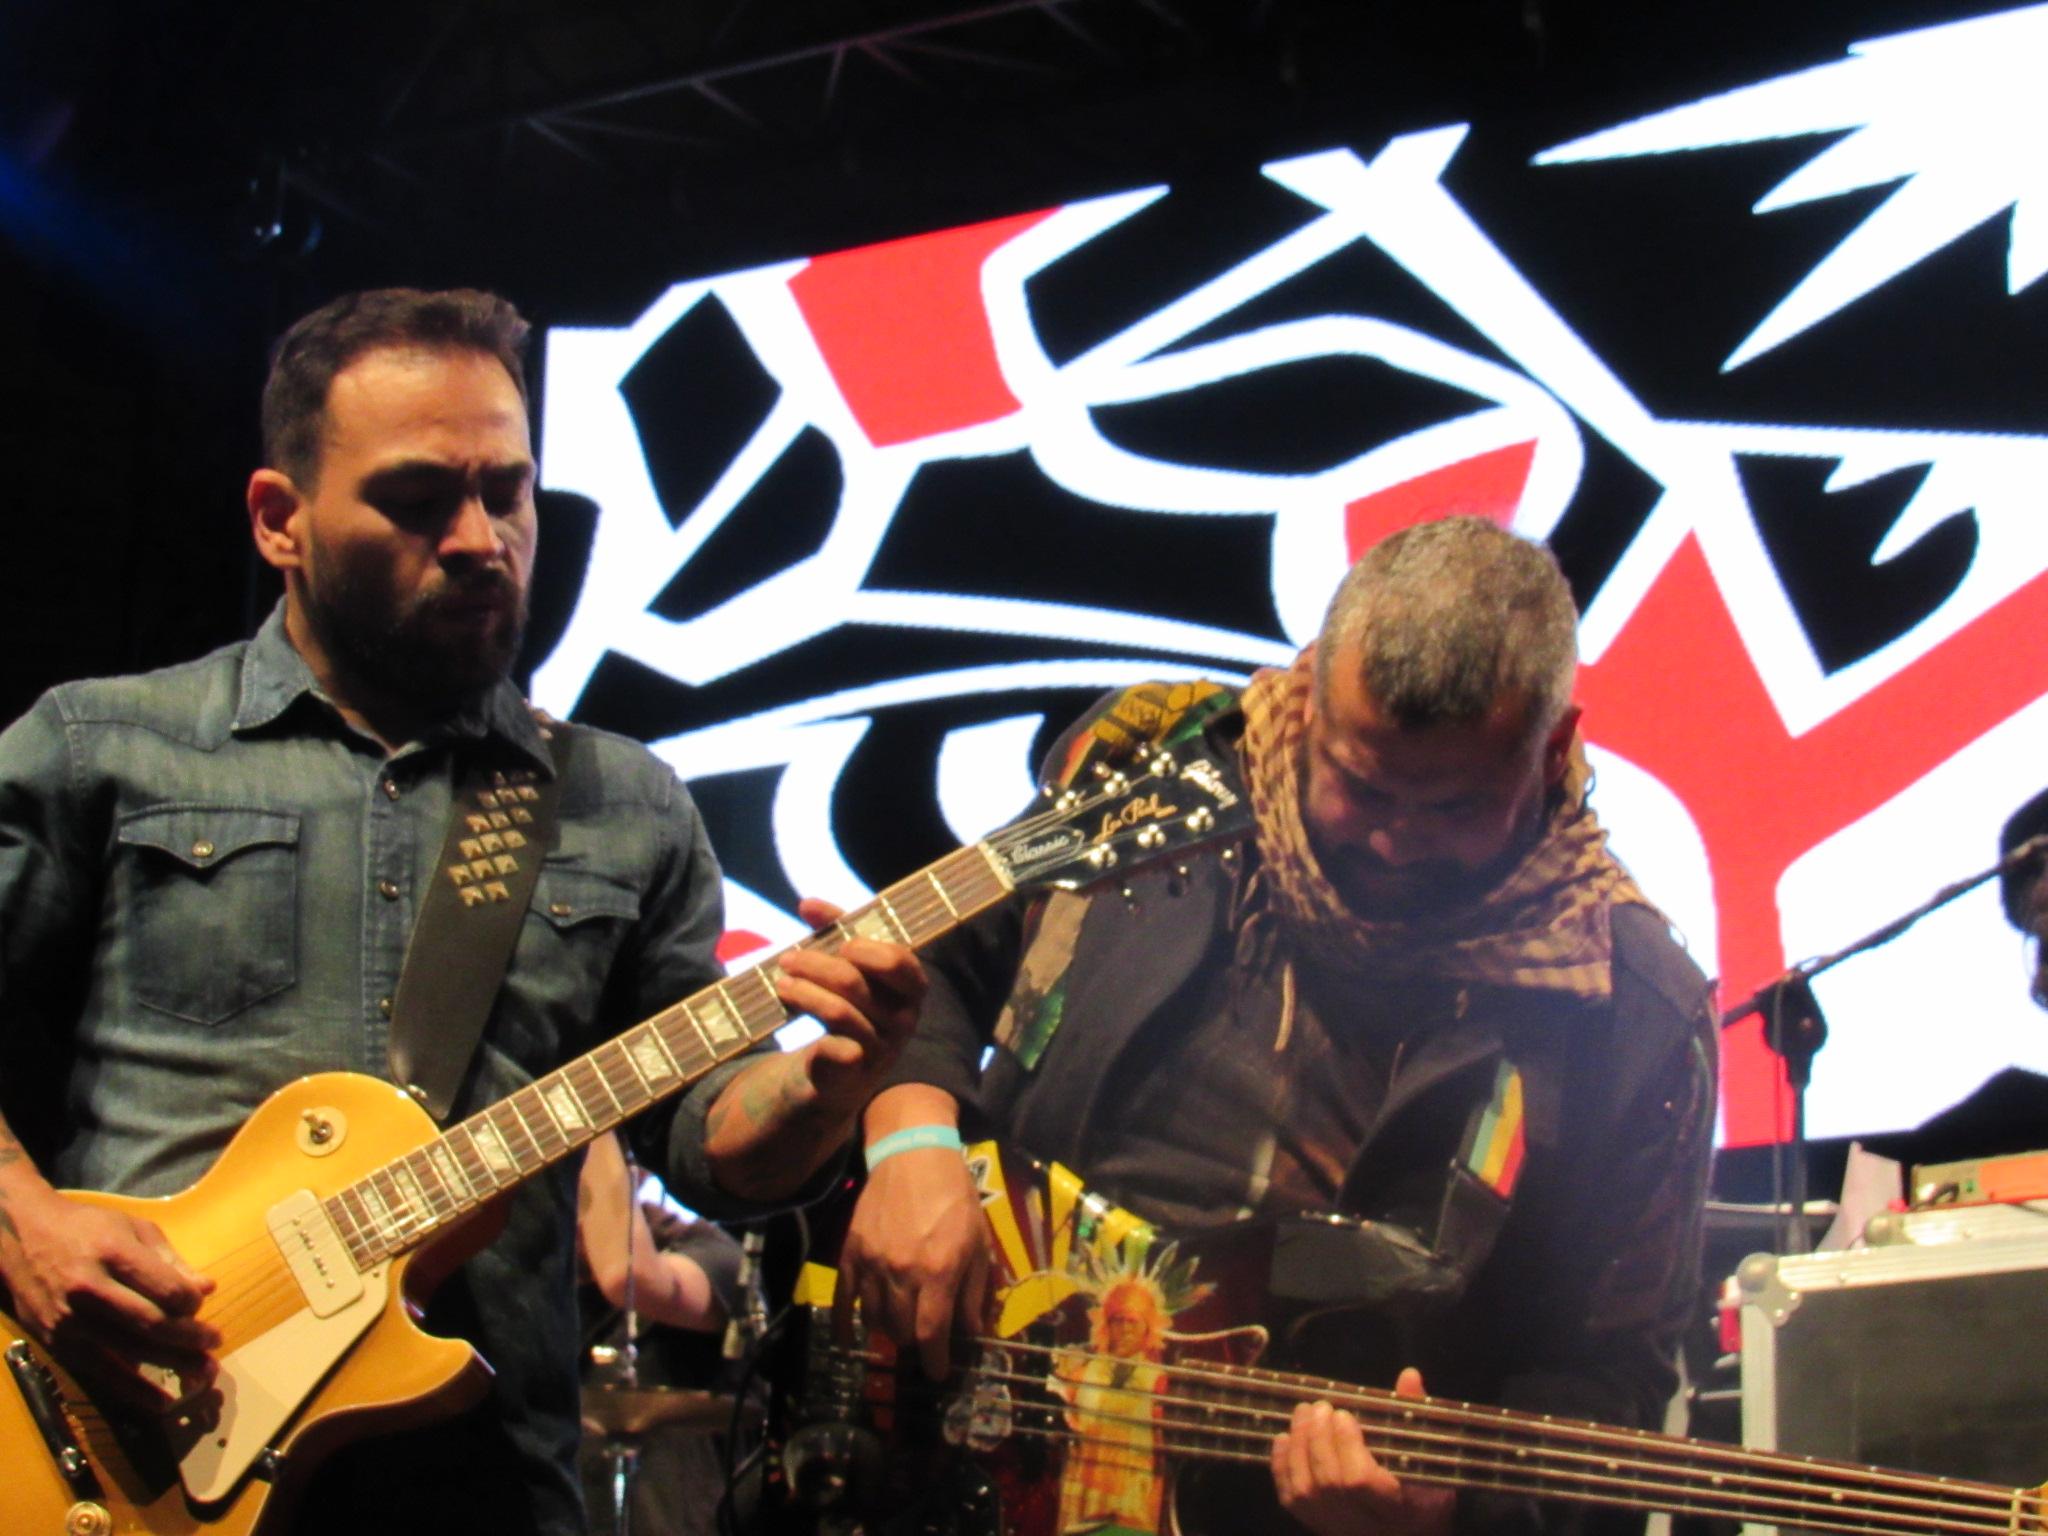 La música en Colombia, poca trascendencia para tanto arte